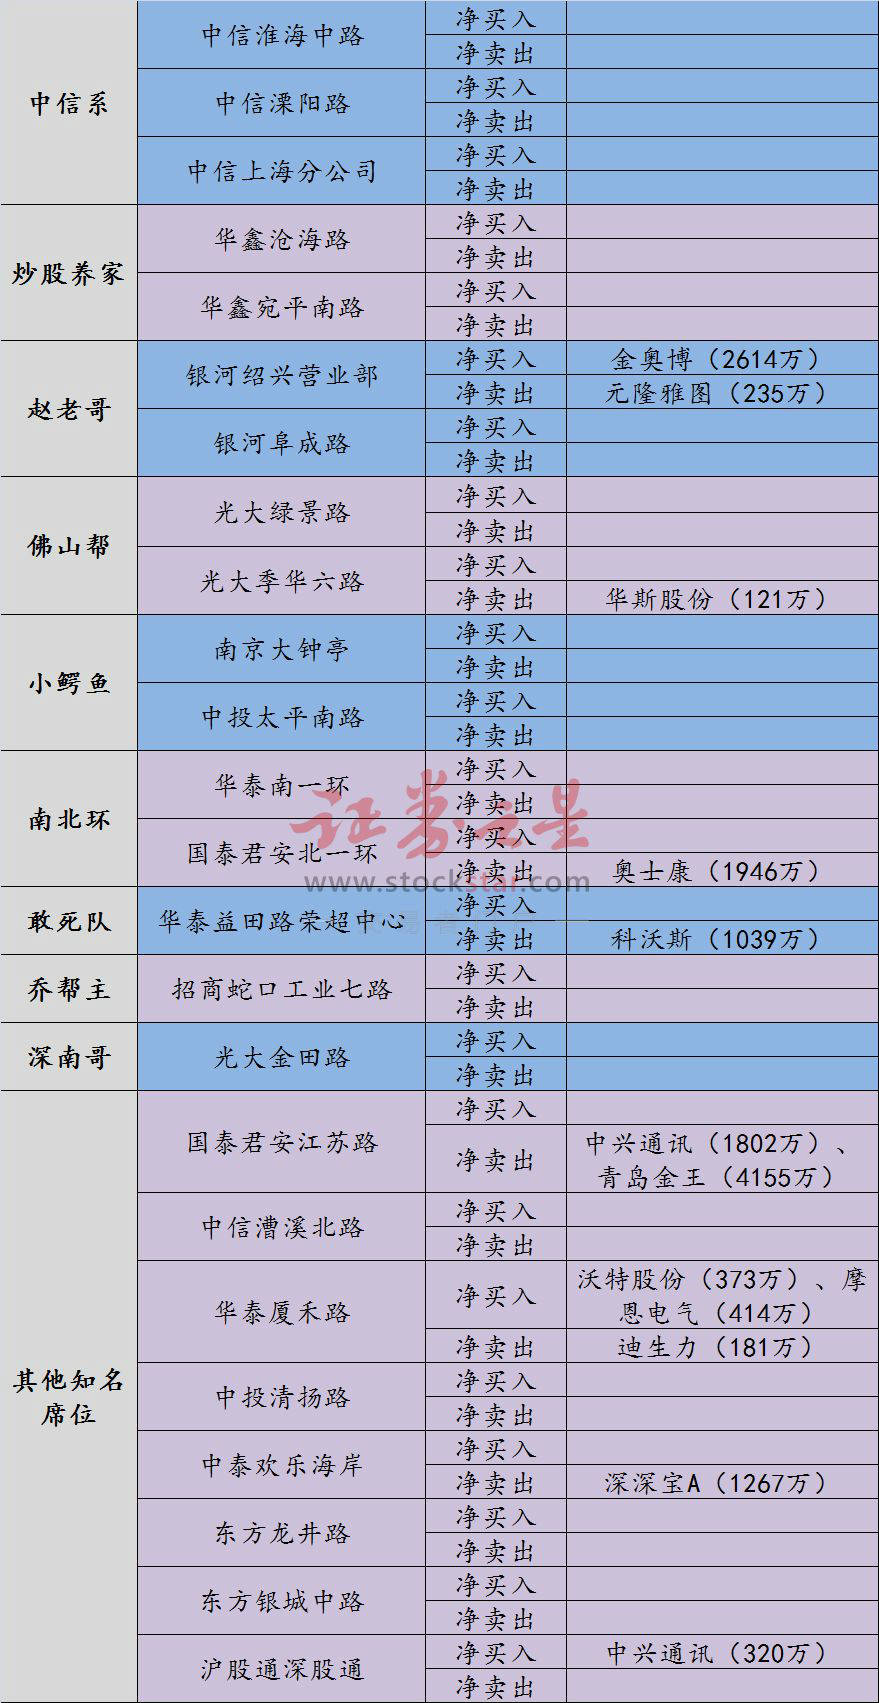 龙虎榜:连创新低大佬无心恋战 赵老哥等三游资打板金奥博